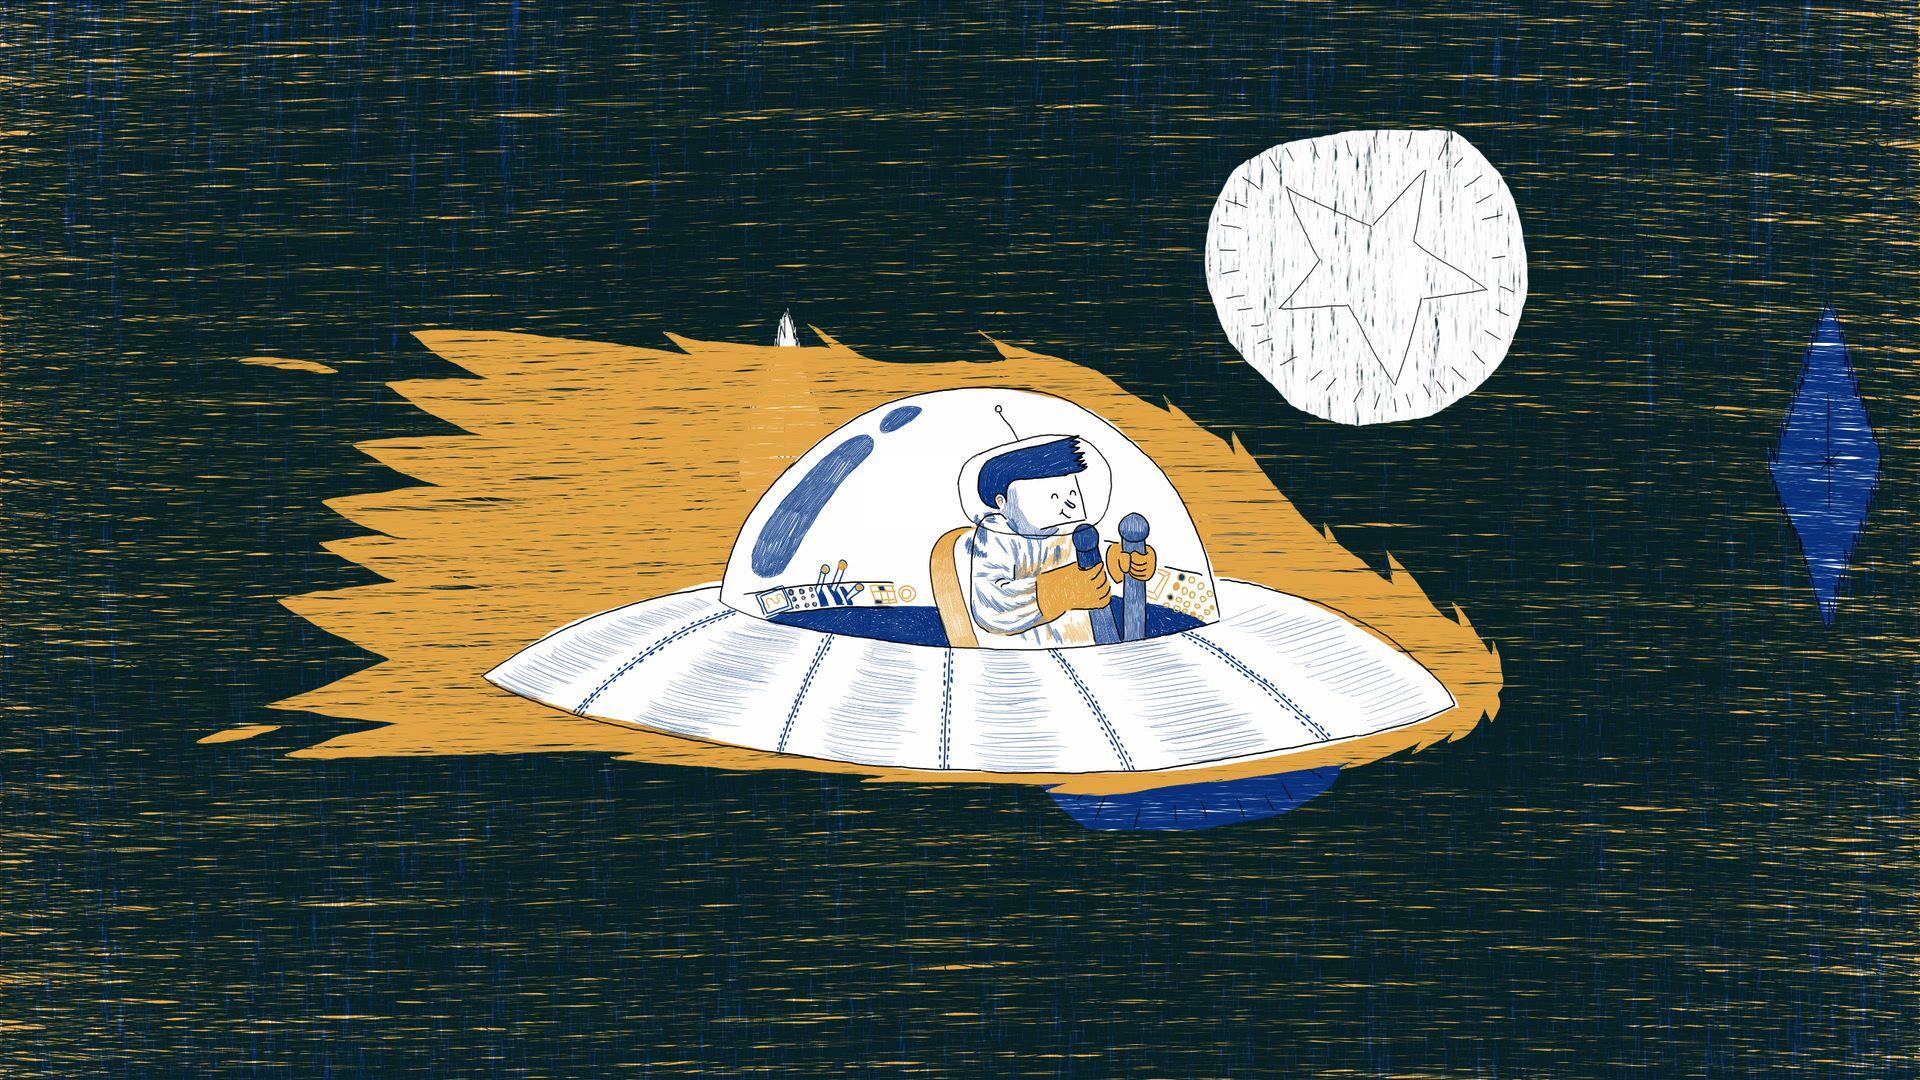 DEEP SPACE de Bruno Tondeur, 2014, Animation, 7'  Prix du Meilleur Film d'Animation francophone SACD à Clermont et Prix des auteurs à Anima en 2015   Brandon se voit confier sa première mission intergalactique : trouver une nouvelle espèce intelligente. Pendant de longs mois il va vivre une expérience étrange sur une planète aux mœurs étonnantes. Notre spationaute va devoir lutter mentalement et physiquement de tout son être.